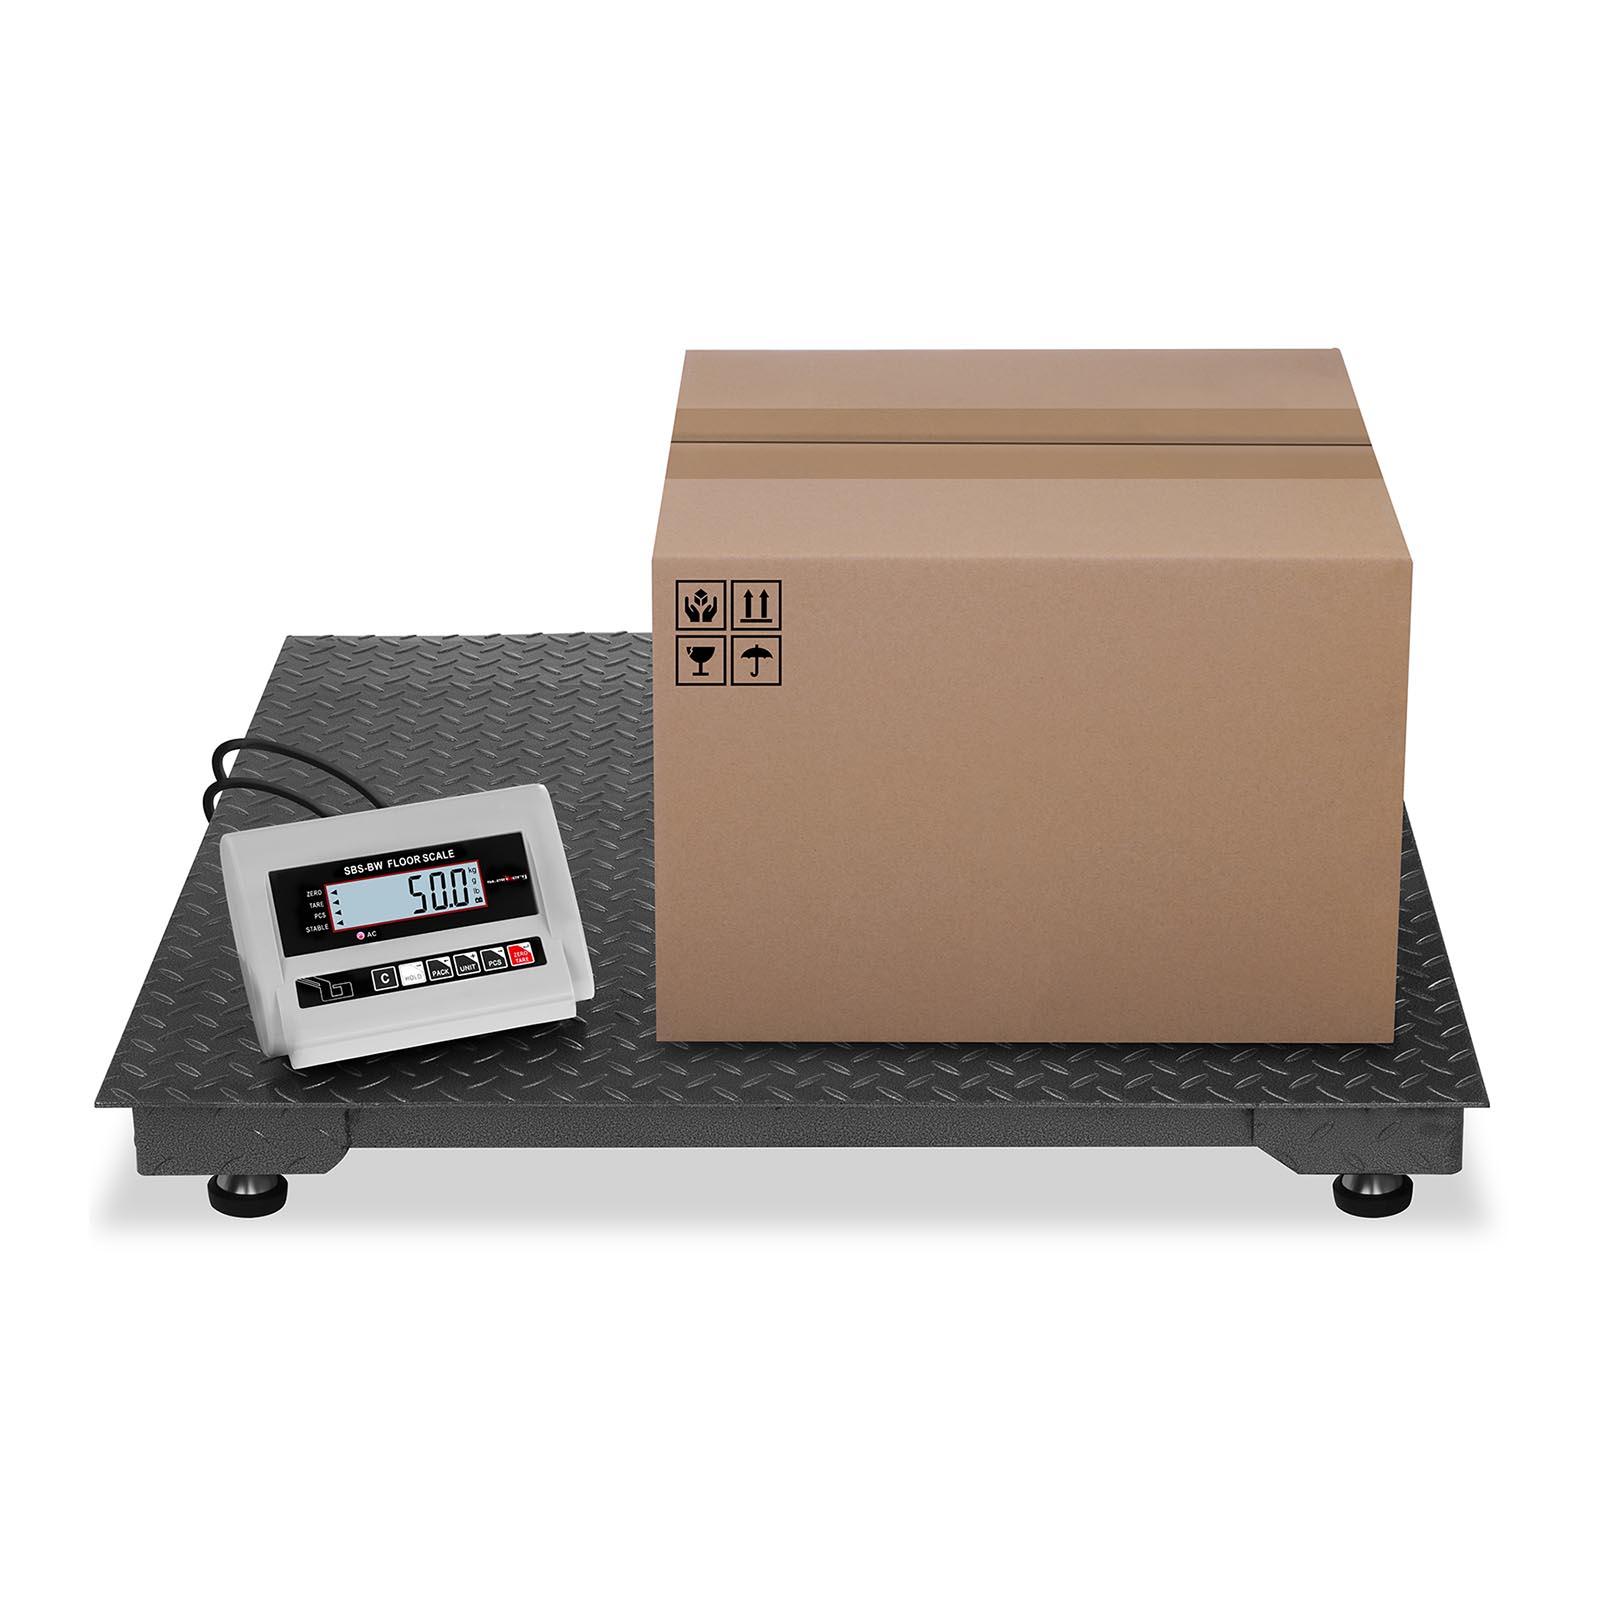 podlahov v hy 1000 kg 0 5 kg lcd sbs bw 1t. Black Bedroom Furniture Sets. Home Design Ideas